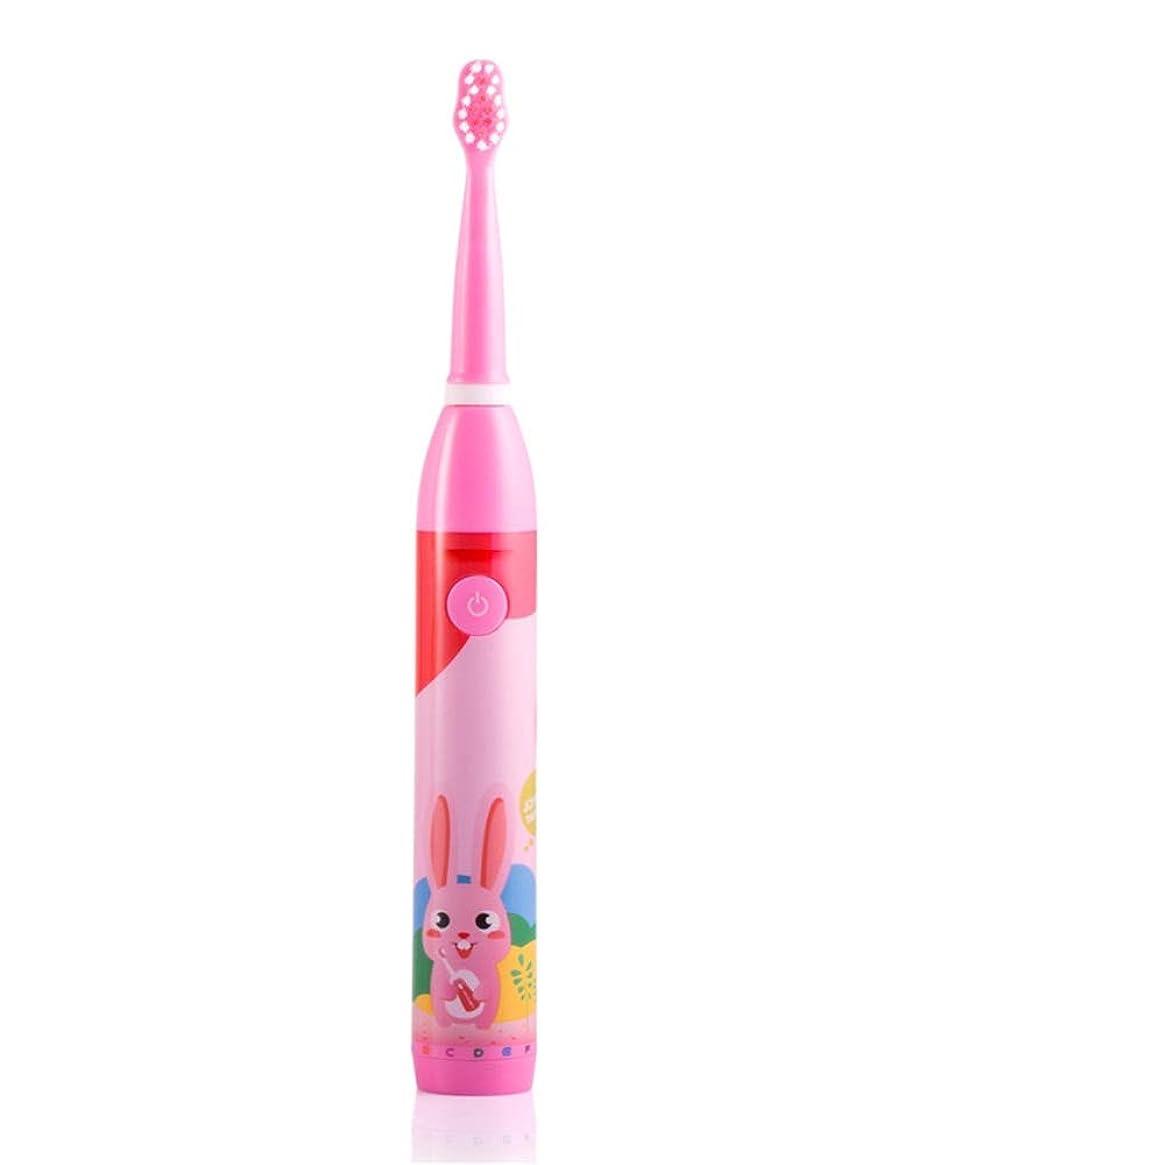 燃やすスクラップところで電動歯ブラシ 子供の電動歯ブラシUSB充電式防水保護ホワイトニング歯ブラシ高齢者6-12に適して 大人と子供向け (色 : ピンク, サイズ : Free size)